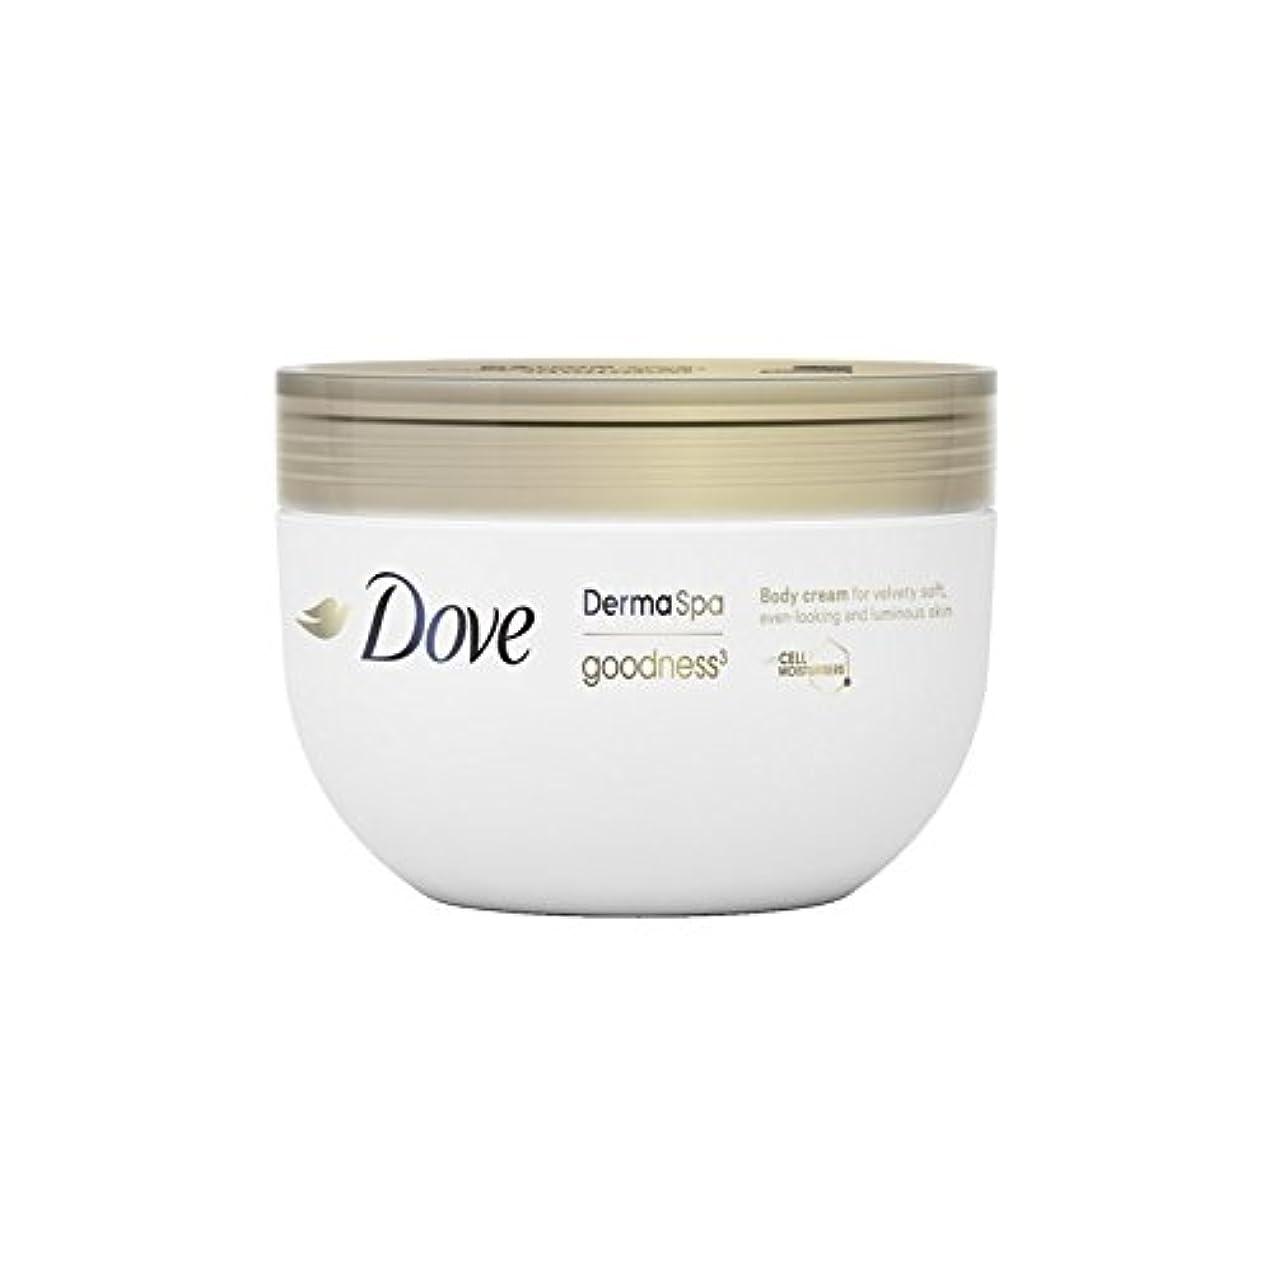 キネマティクス残酷放送鳩の3ボディクリーム(300ミリリットル) x4 - Dove DermaSpa Goodness3 Body Cream (300ml) (Pack of 4) [並行輸入品]